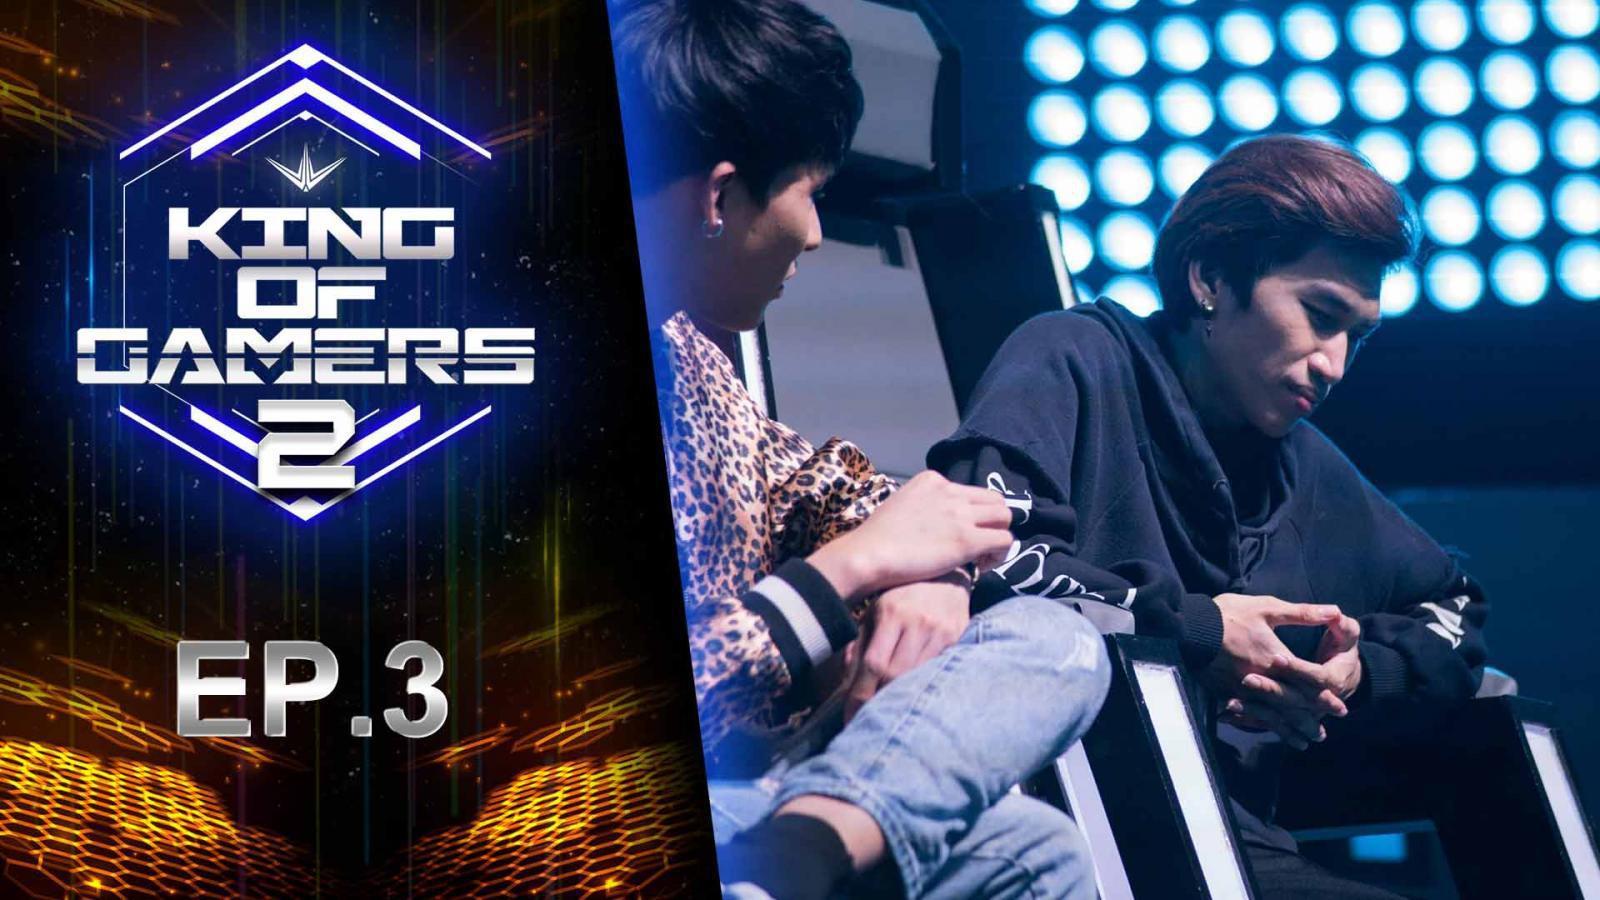 King of Gamers ซีซั่น 2 EP.3